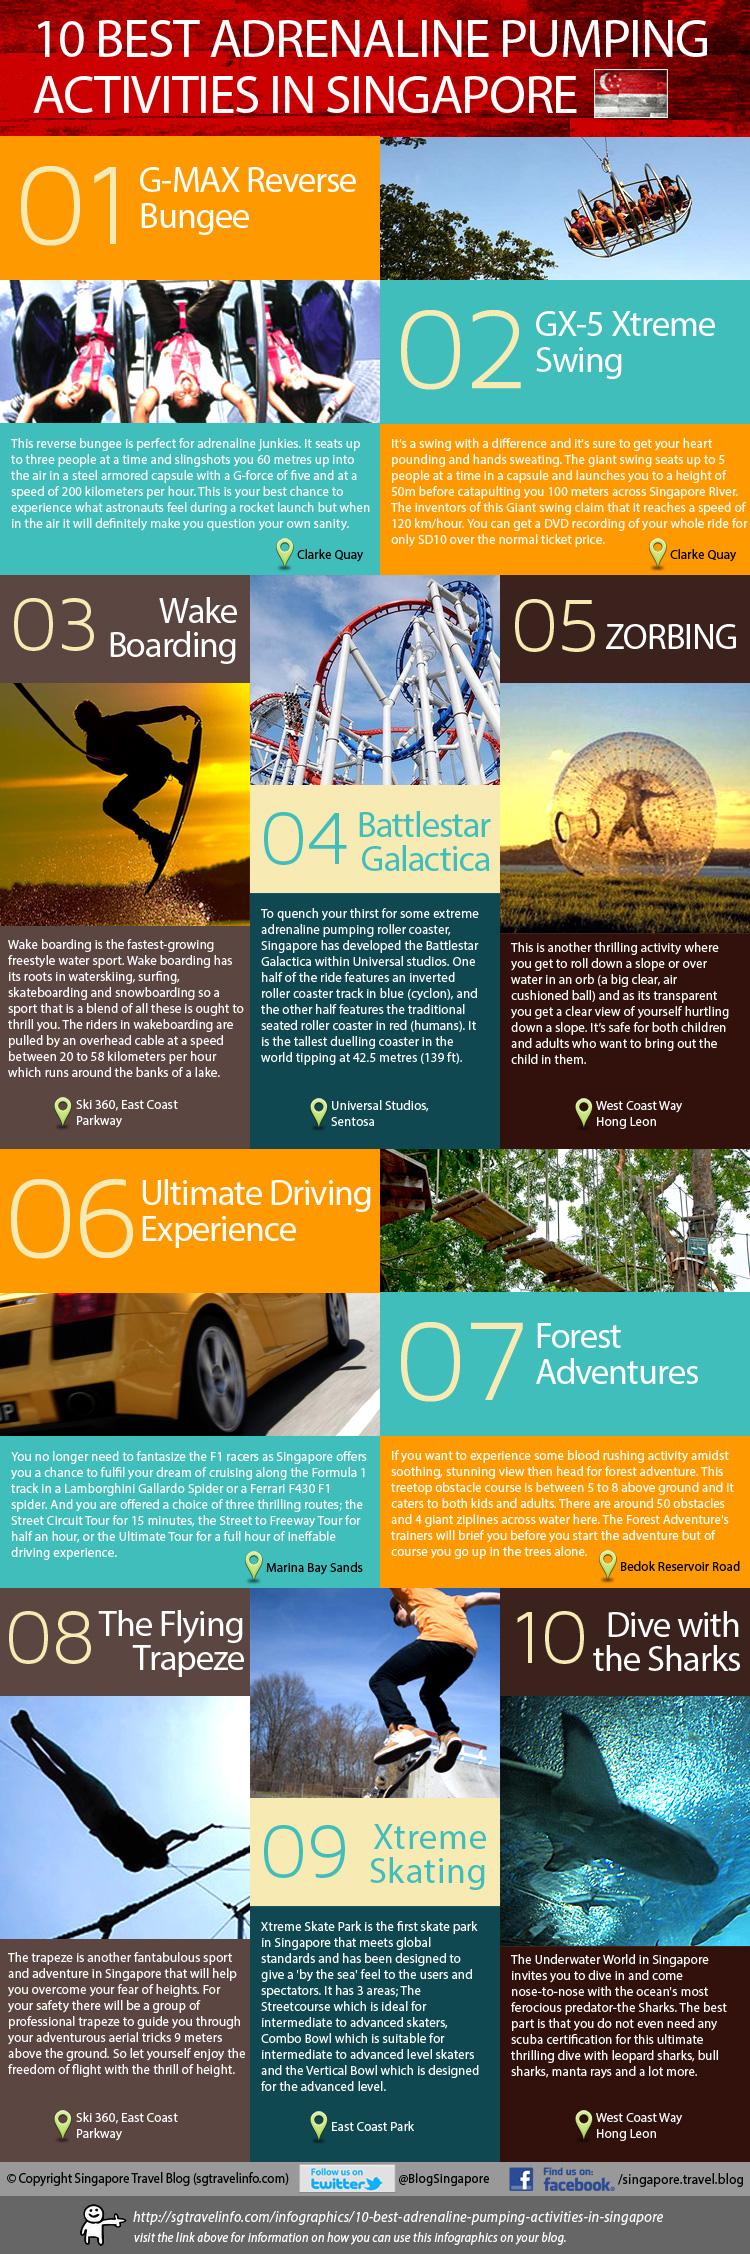 19. Ten Best Adrenaline Pumping Activities in Singapore